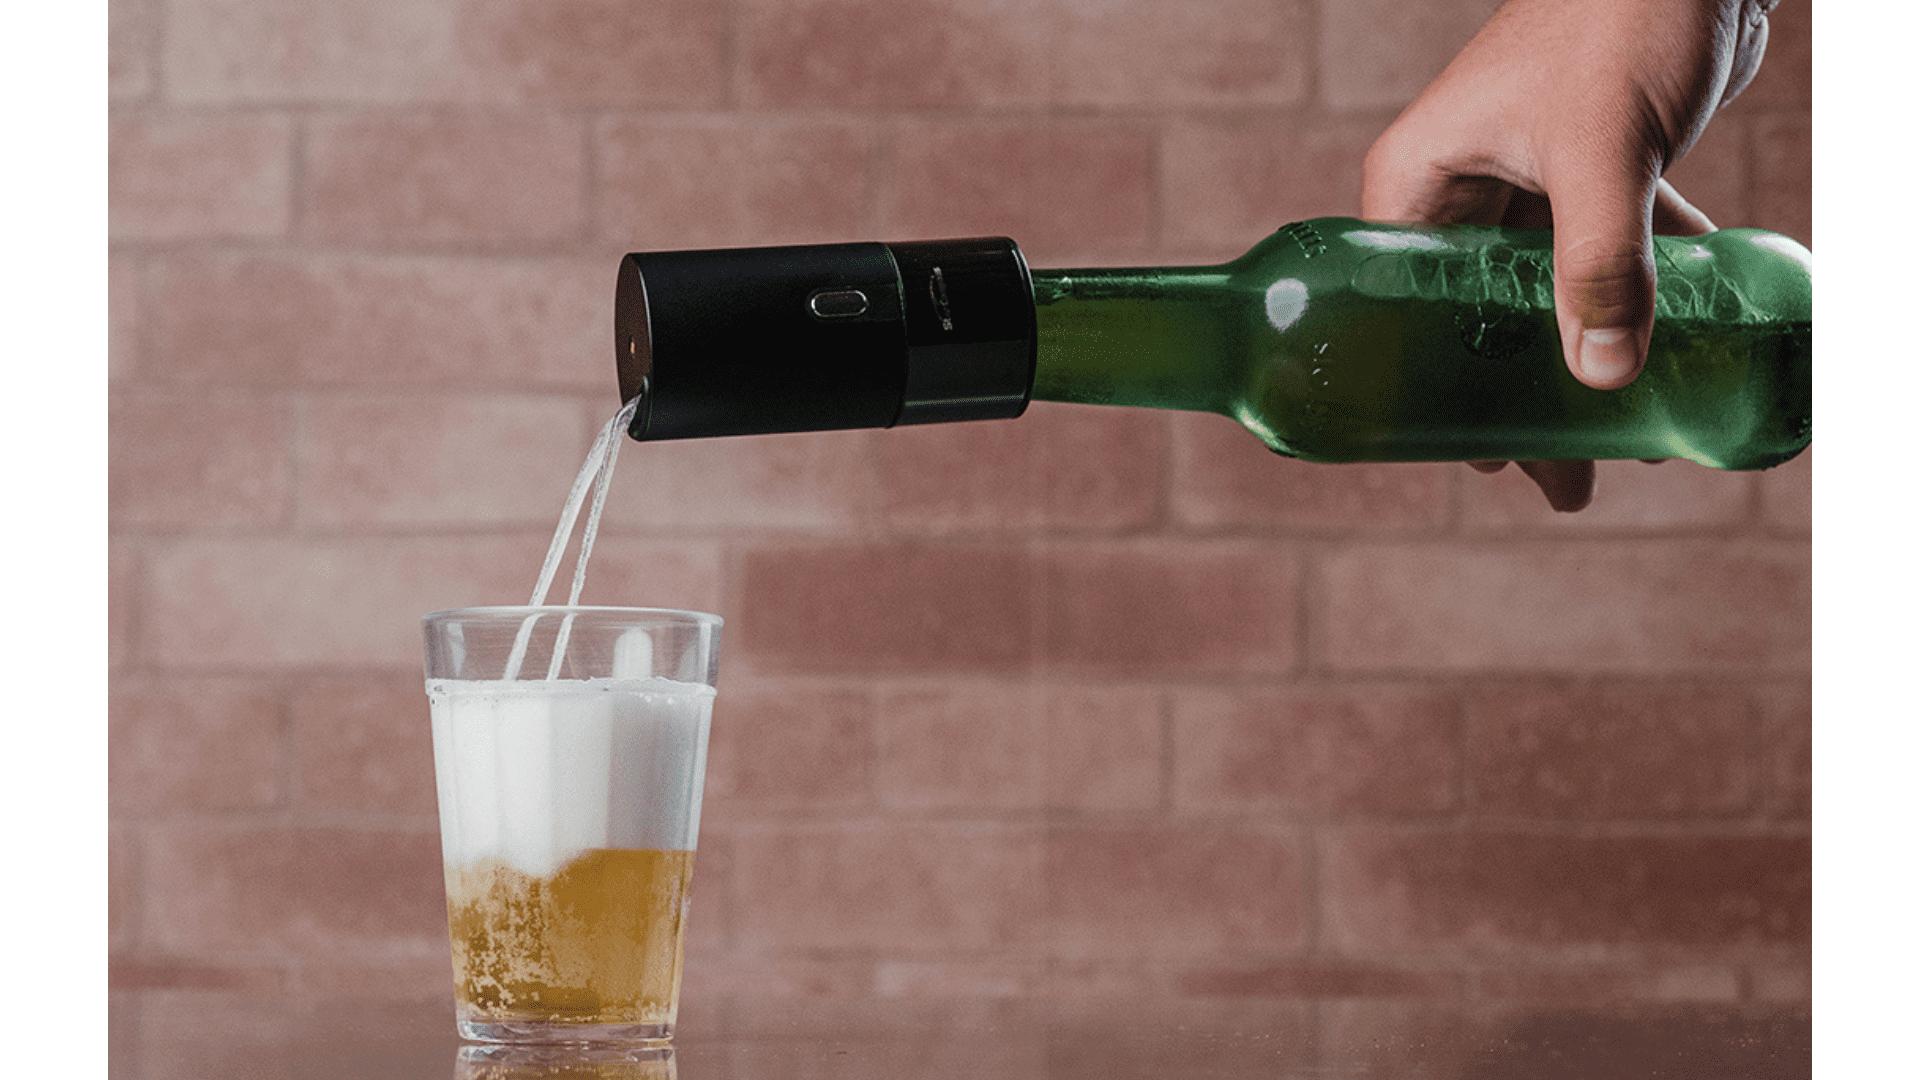 Com algumas tentativas, dá para pegar o jeito e equilibrar corretamente o nível de cerveja e espuma. (Foto: Zoom)